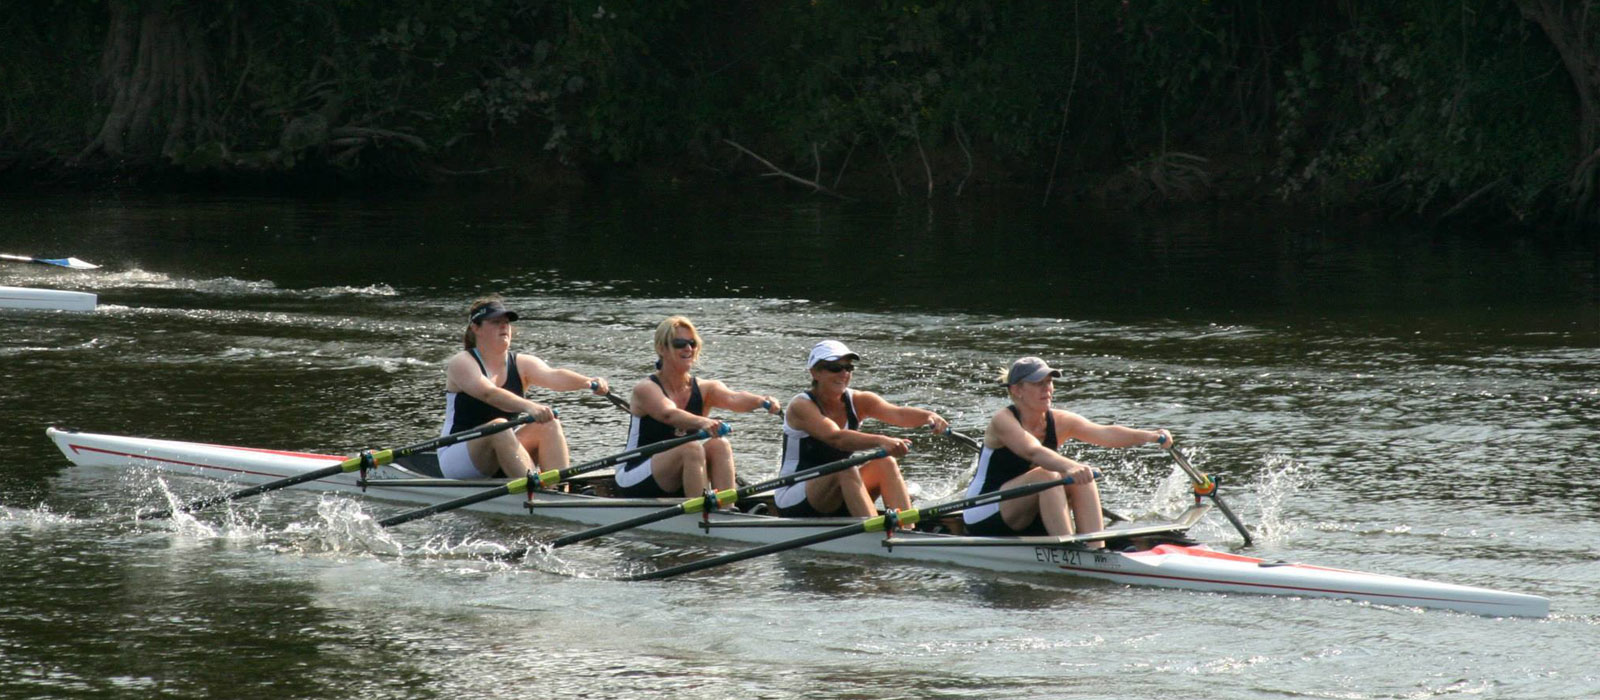 rowing-ladies1-slide